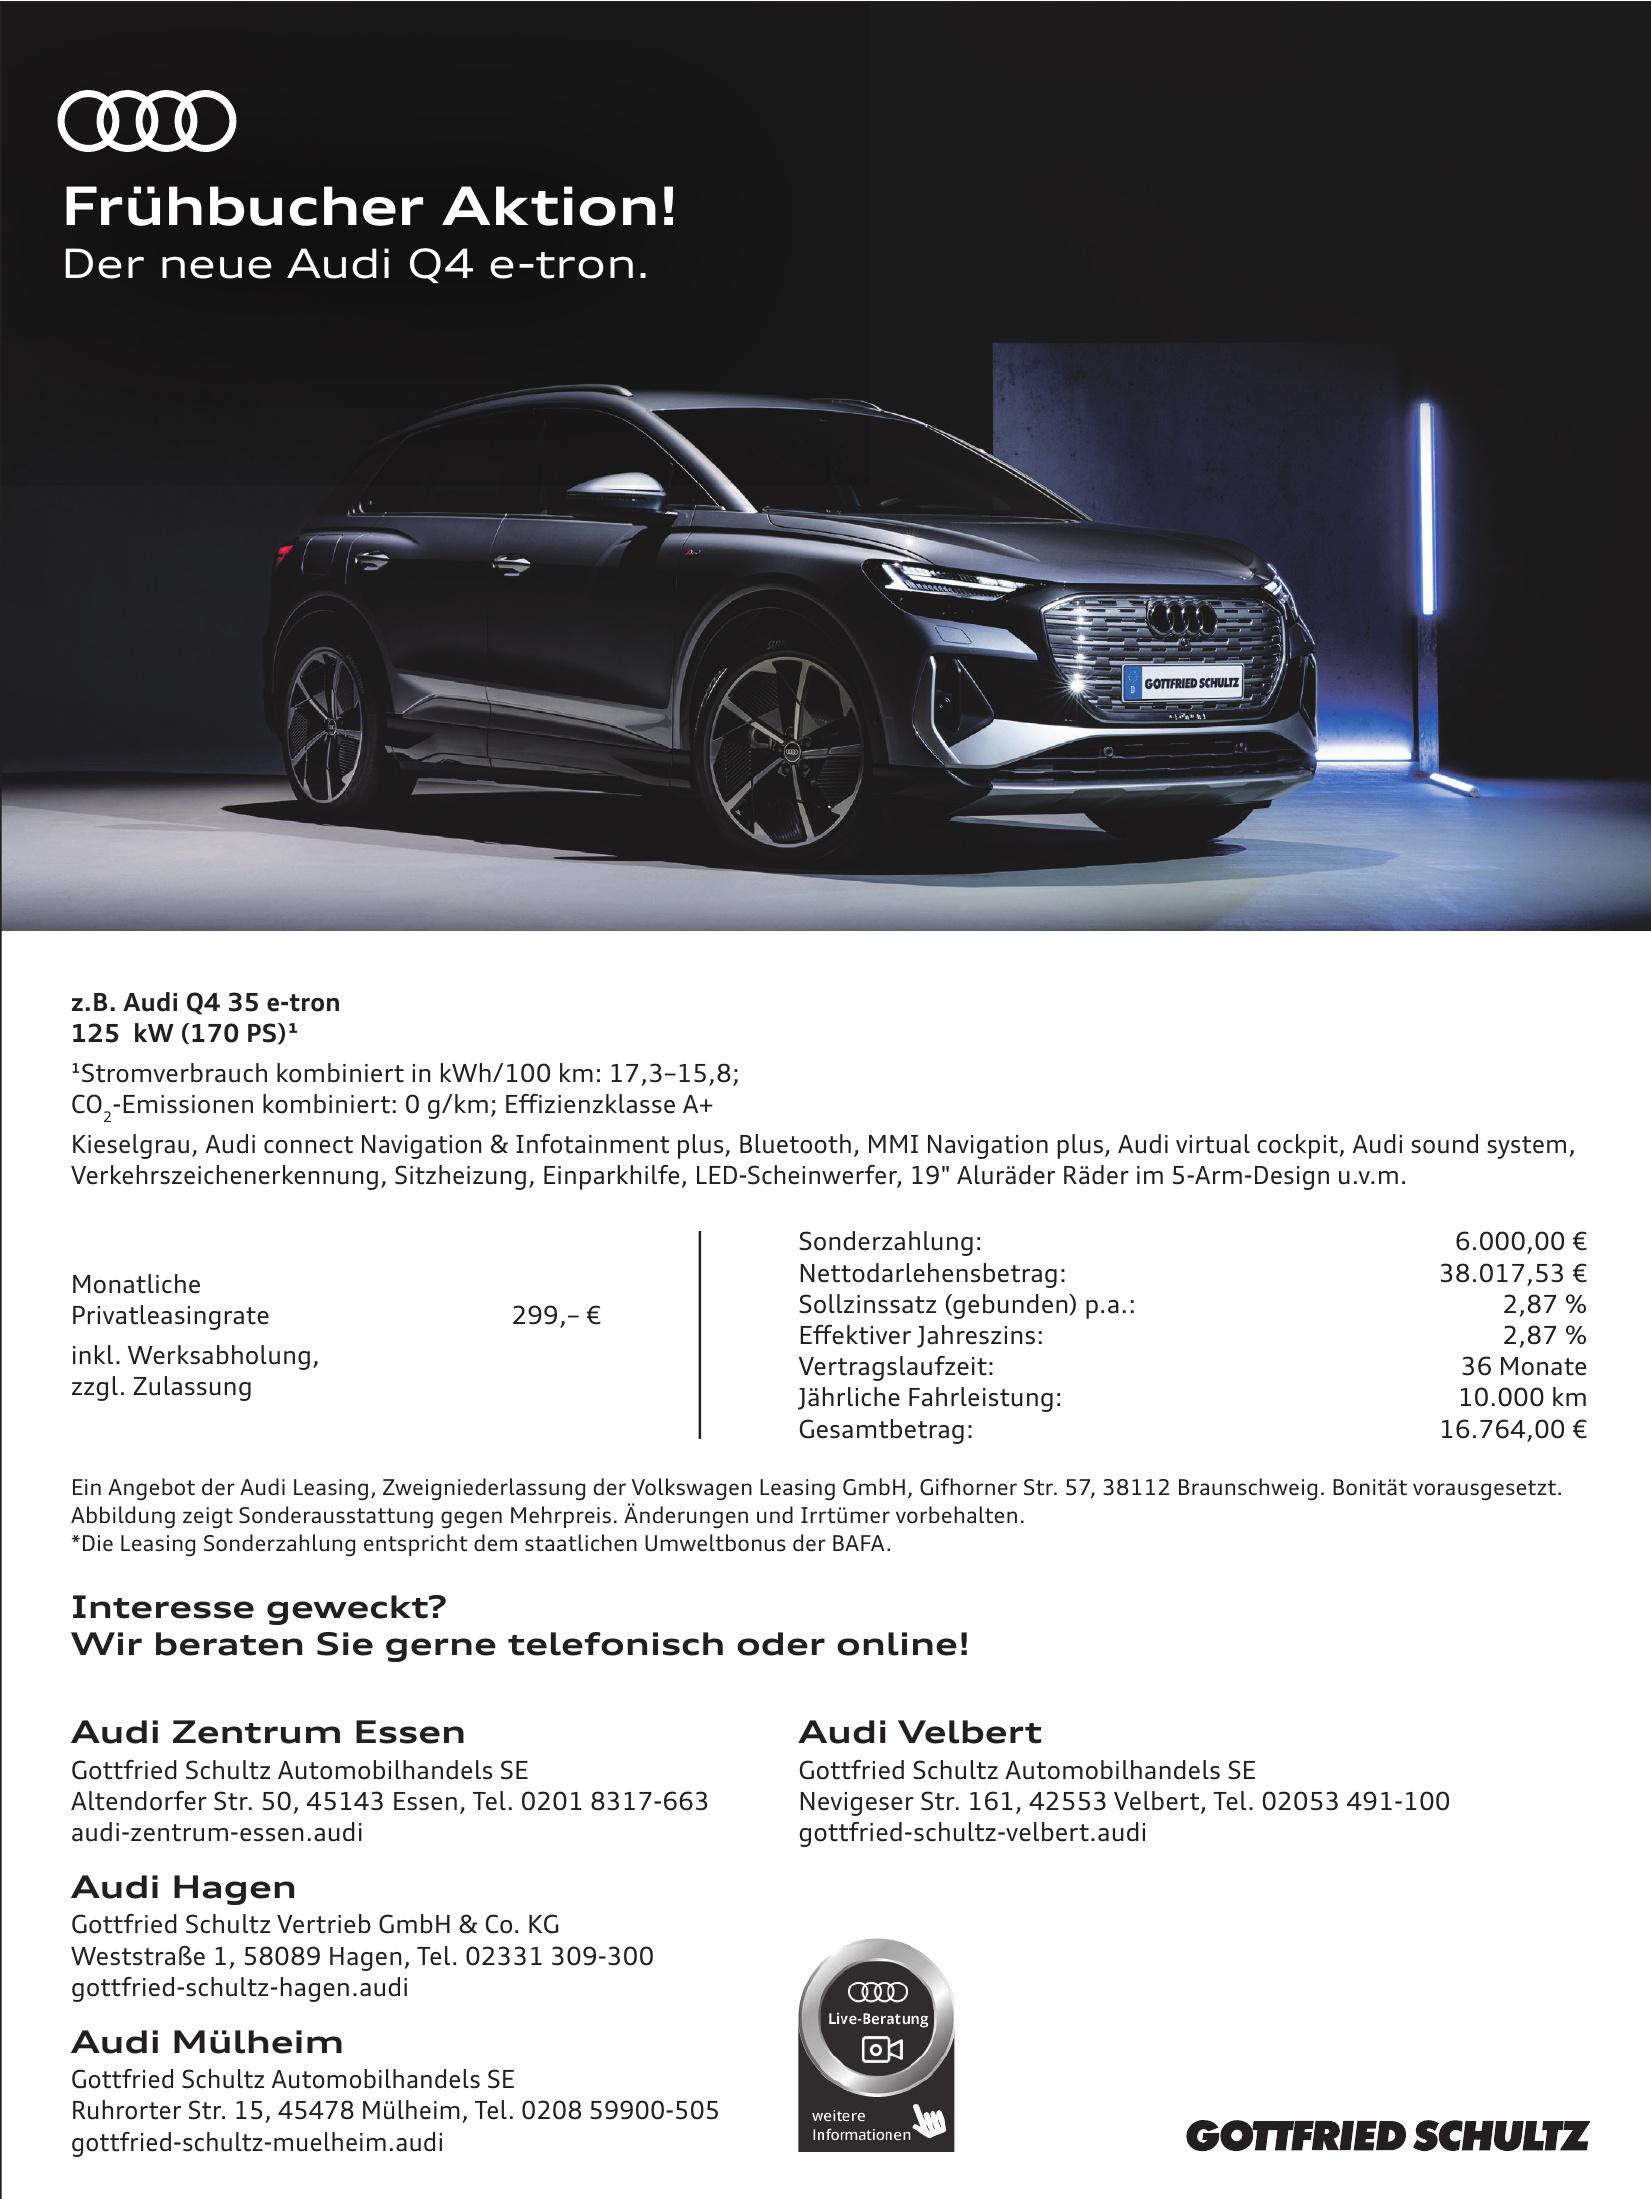 Audi Zentrum Essen Gottfried Schultz Automobilhandels SE